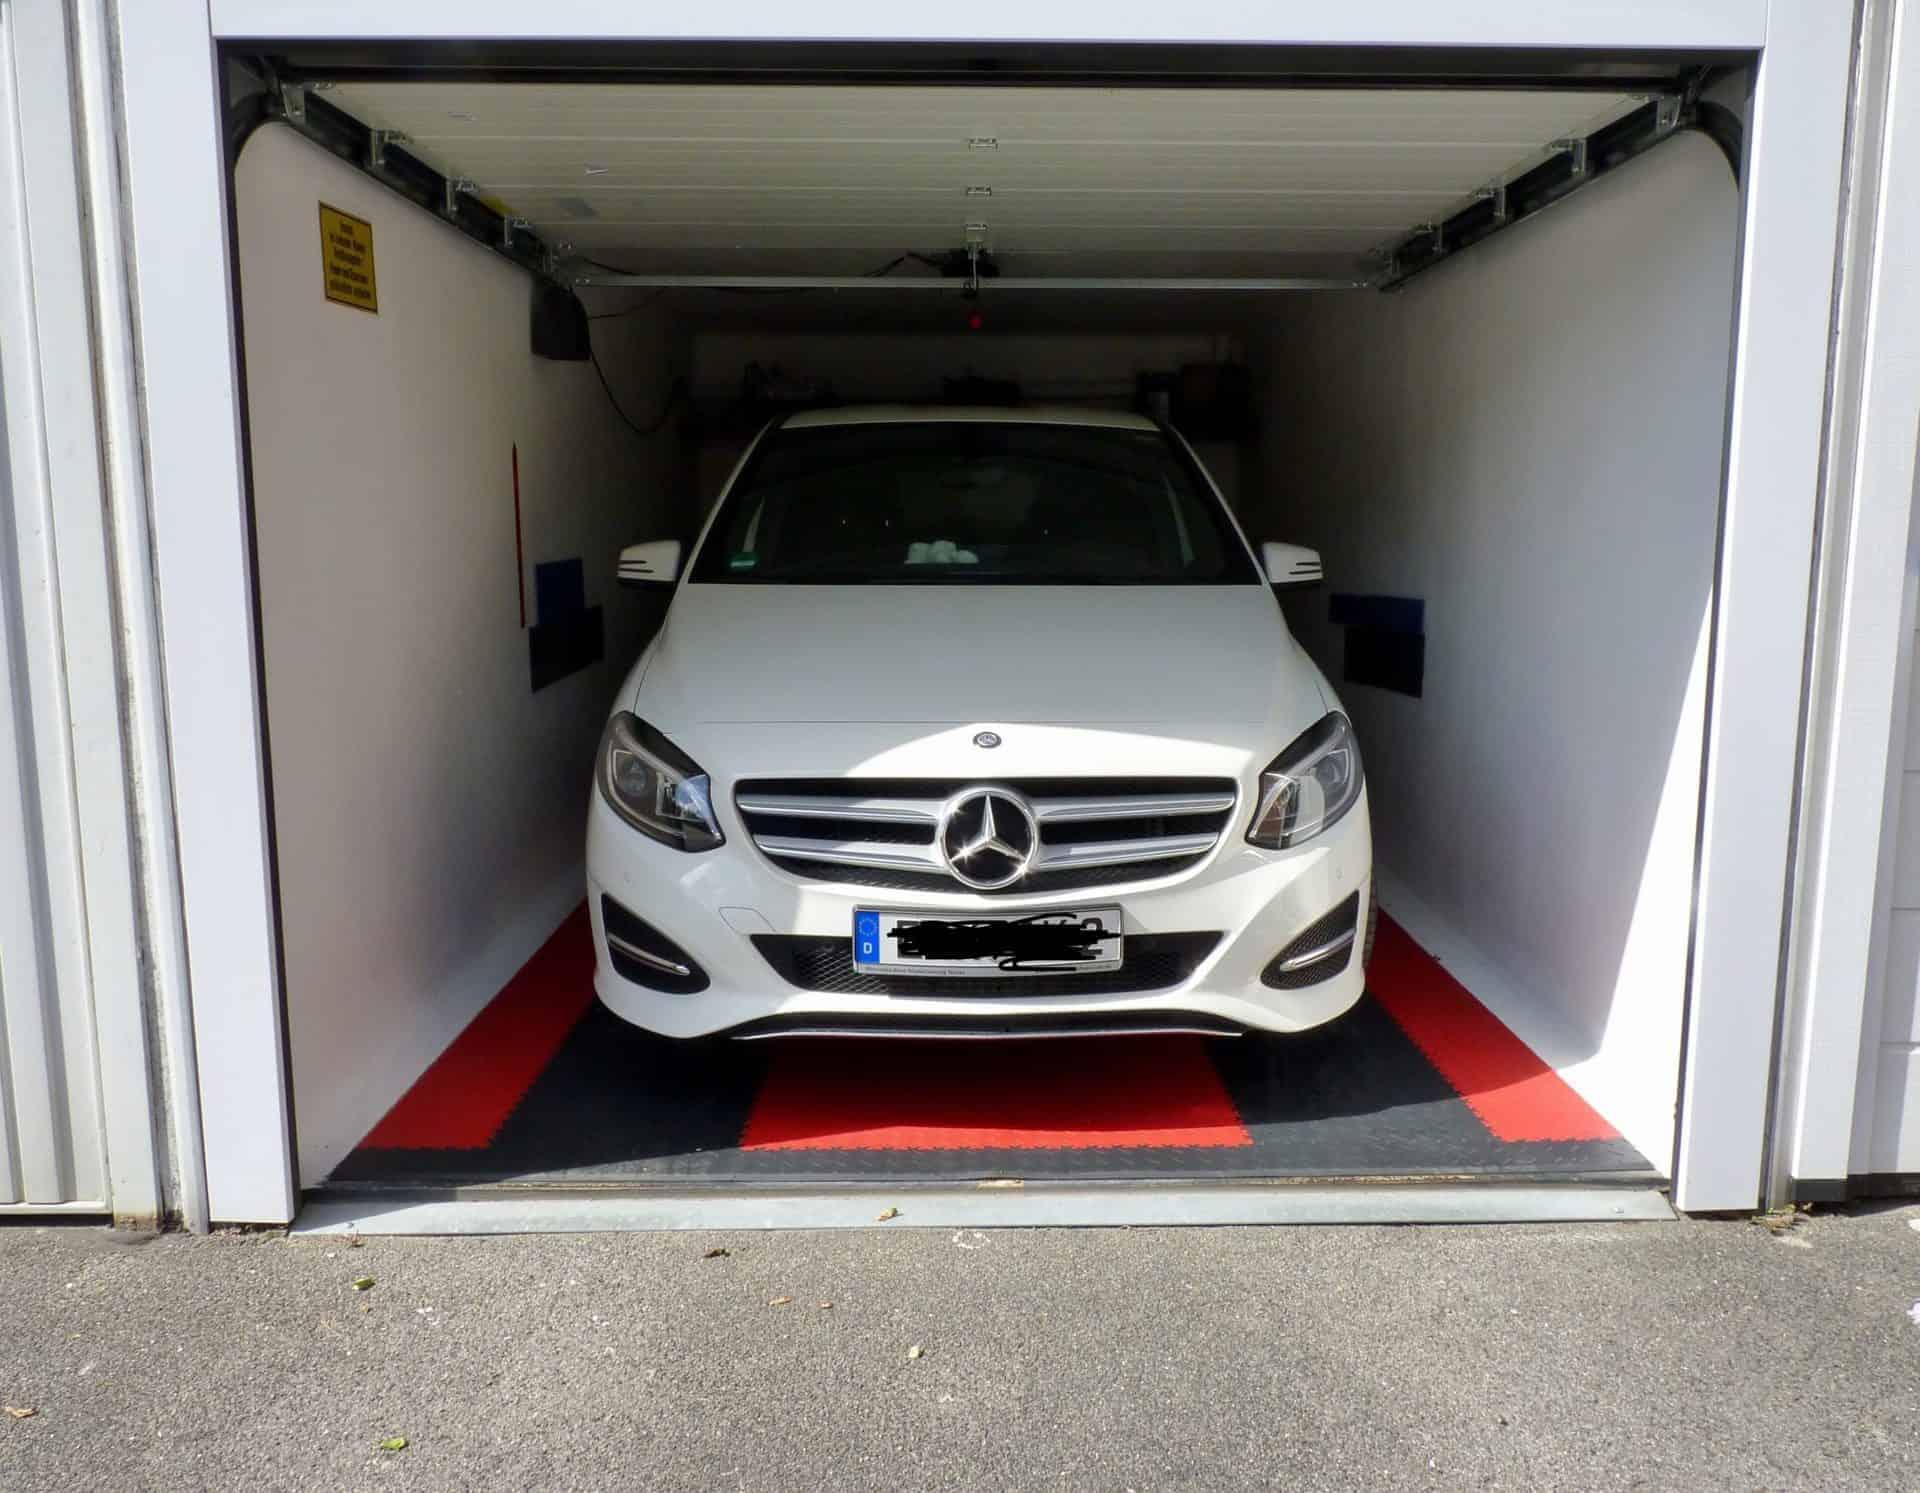 Úzká garáž, Německo